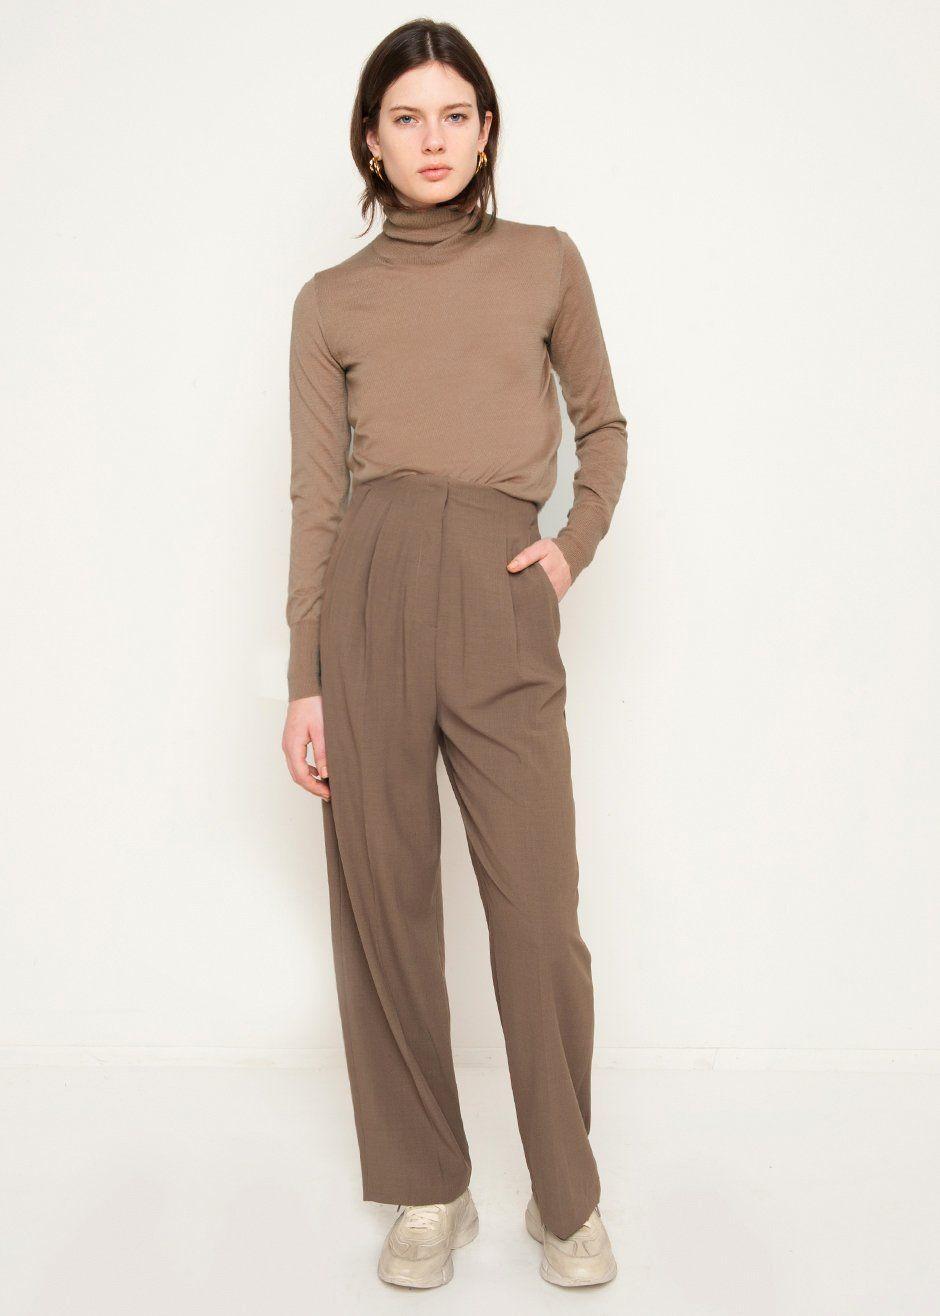 Pantalons Pour Les Femmes À La Vente, Vert Olive, Coton, 2017, 12 26 32 Fabiana Filippi